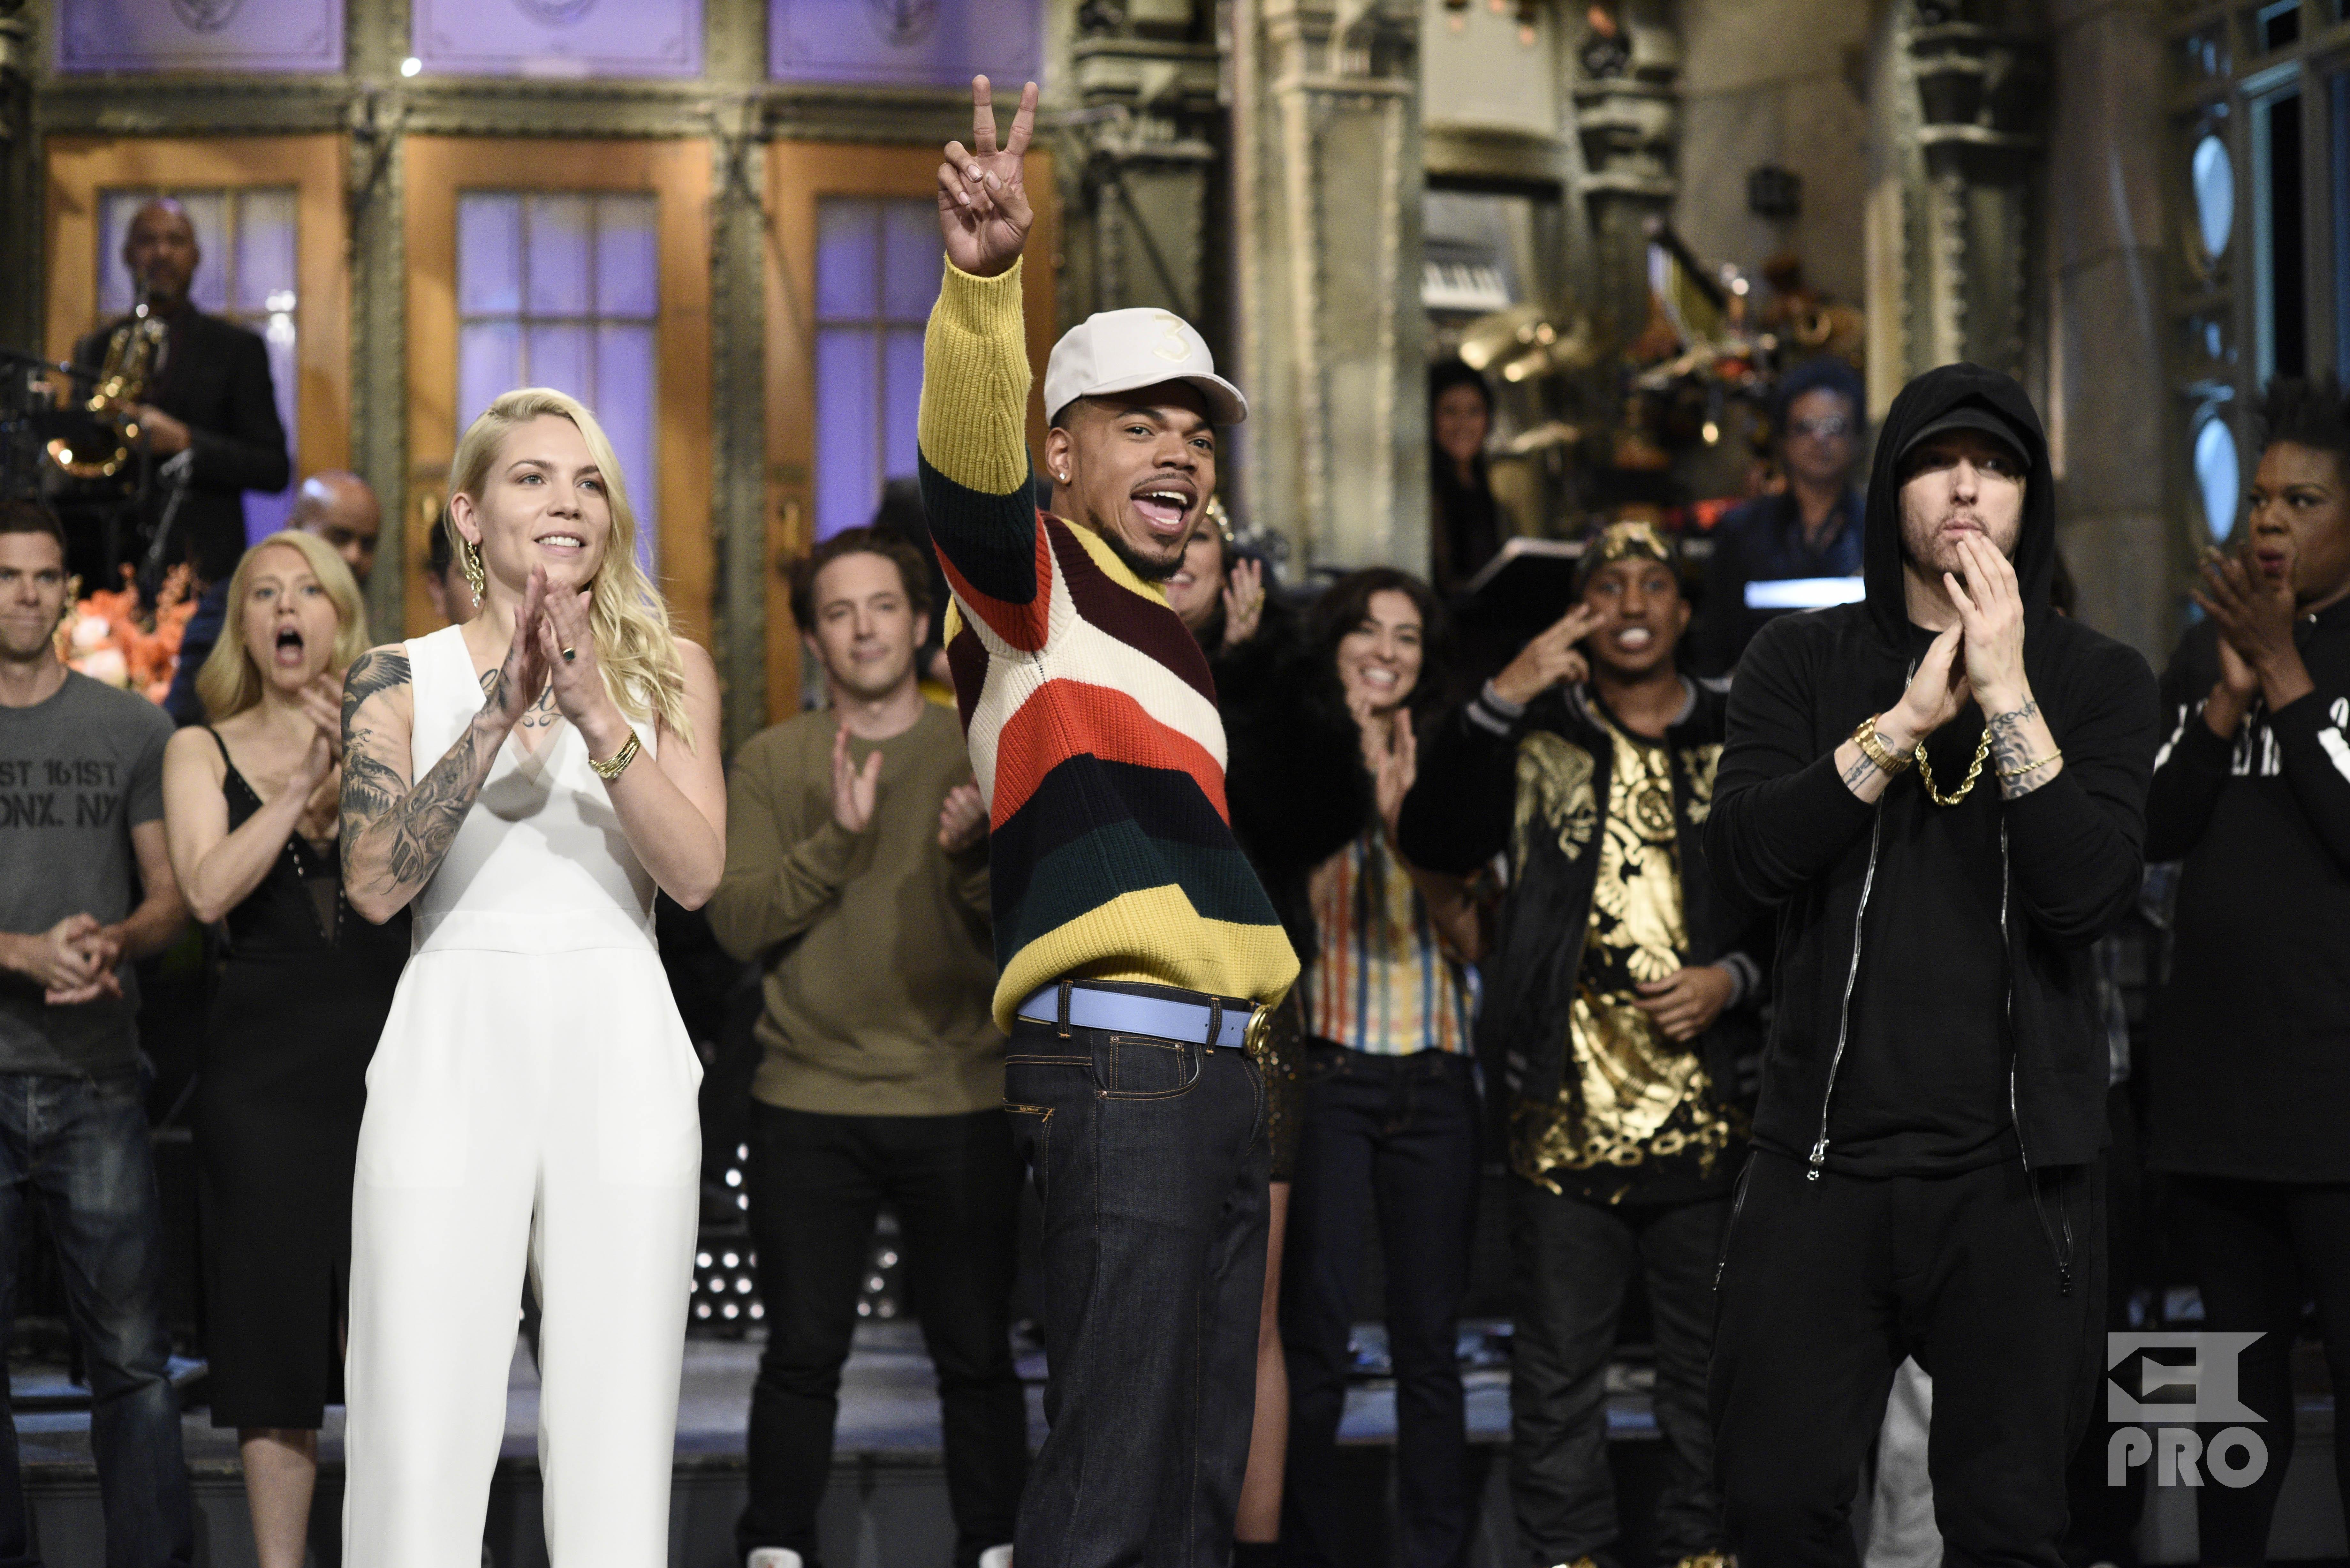 SATURDAY NIGHT LIVE: Музыкальный гость Eminem вместе со Skylar Grey и ведущим Chance the Rapper, 18 ноября 2017.